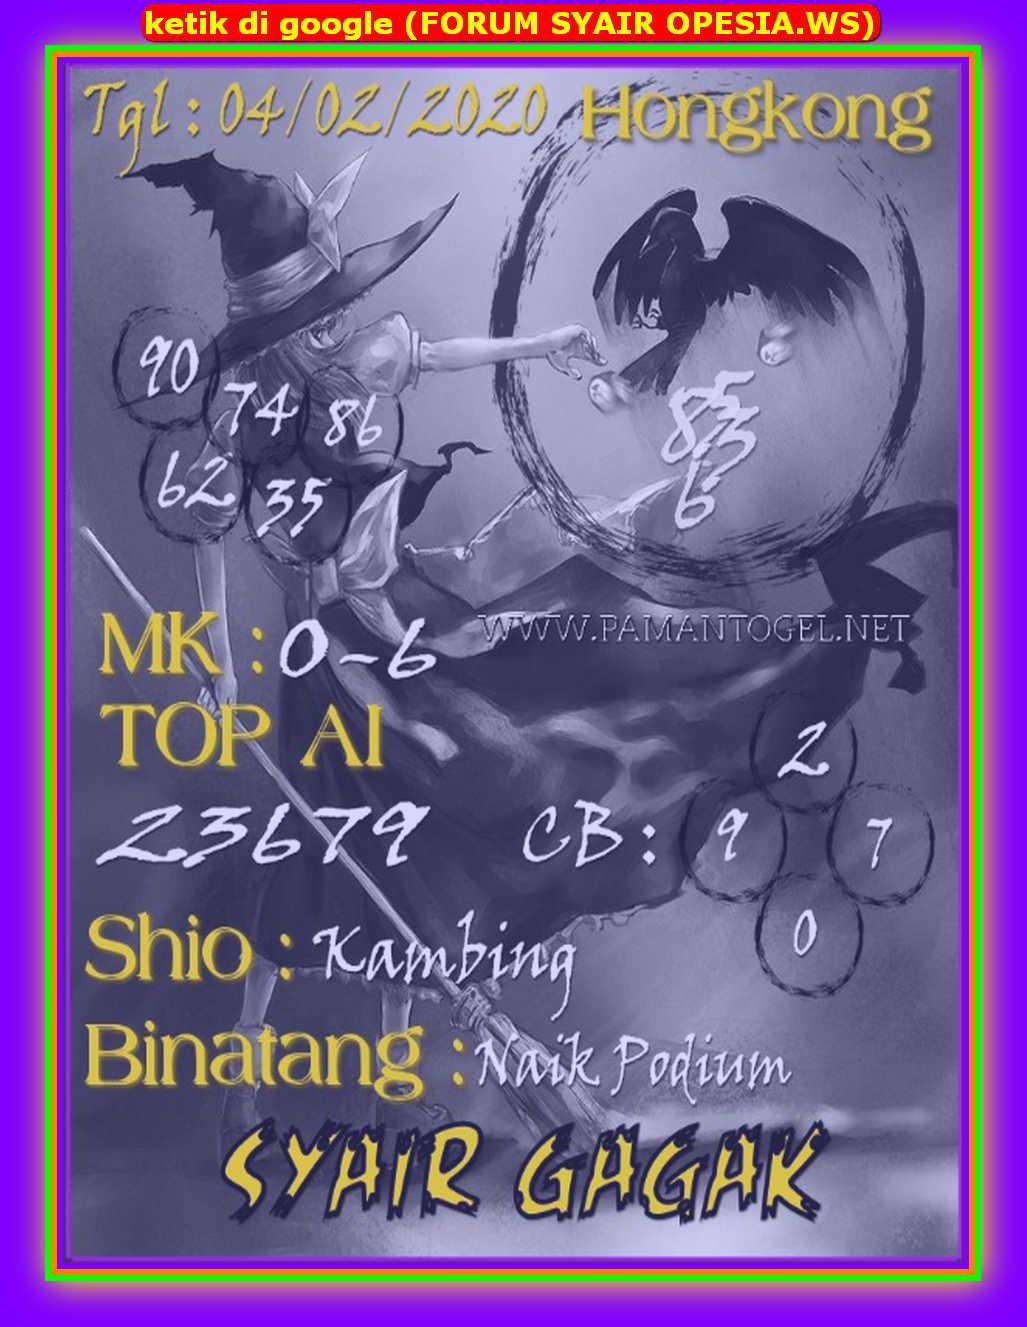 Kode syair Hongkong Selasa 4 Februari 2020 135